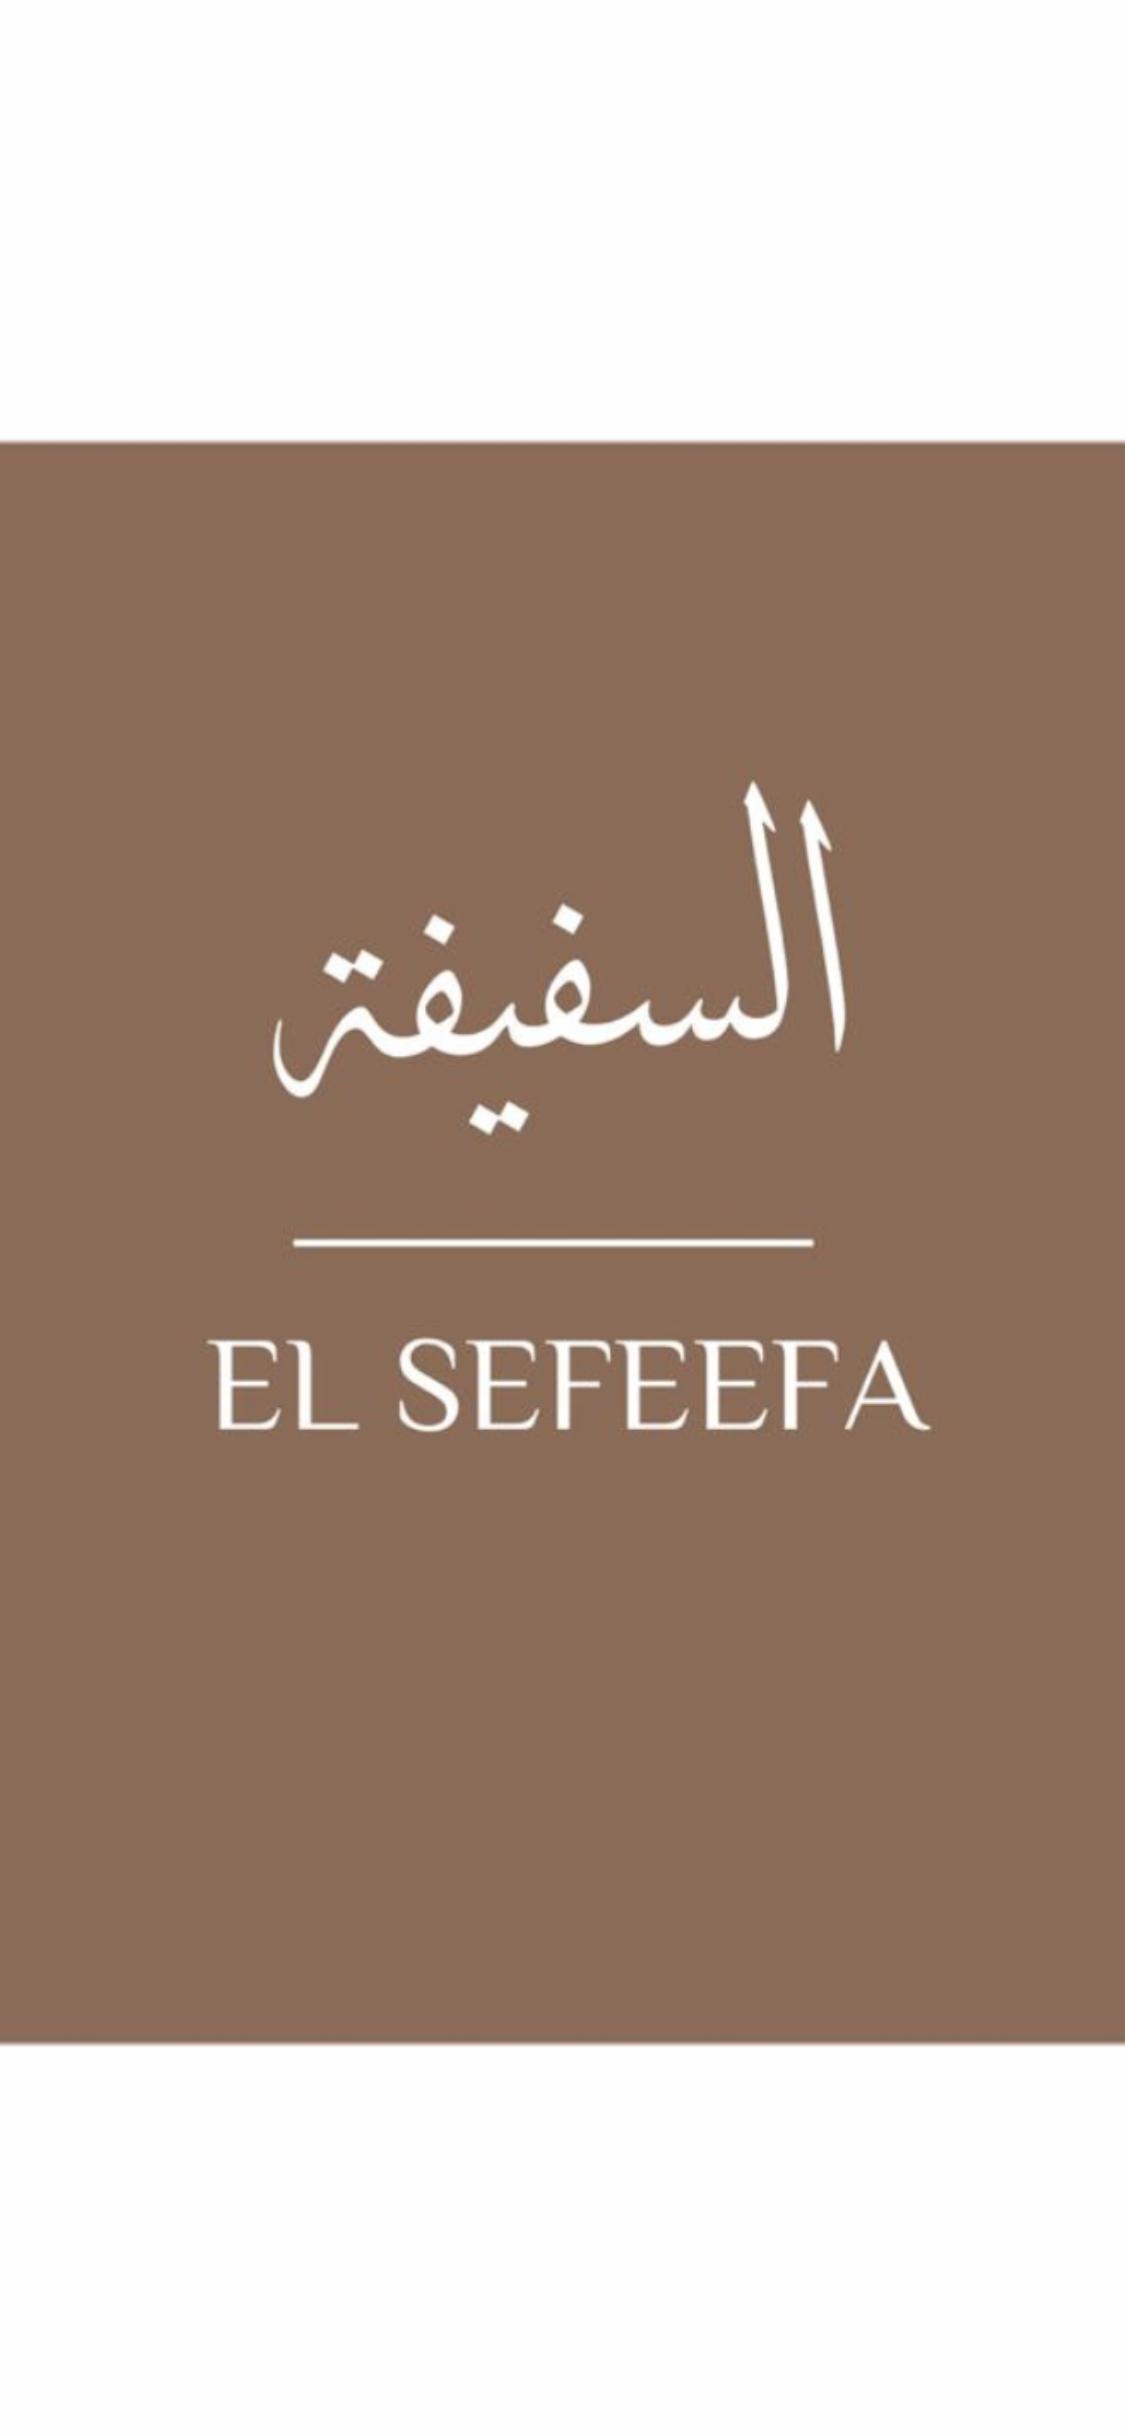 Elsefeefa